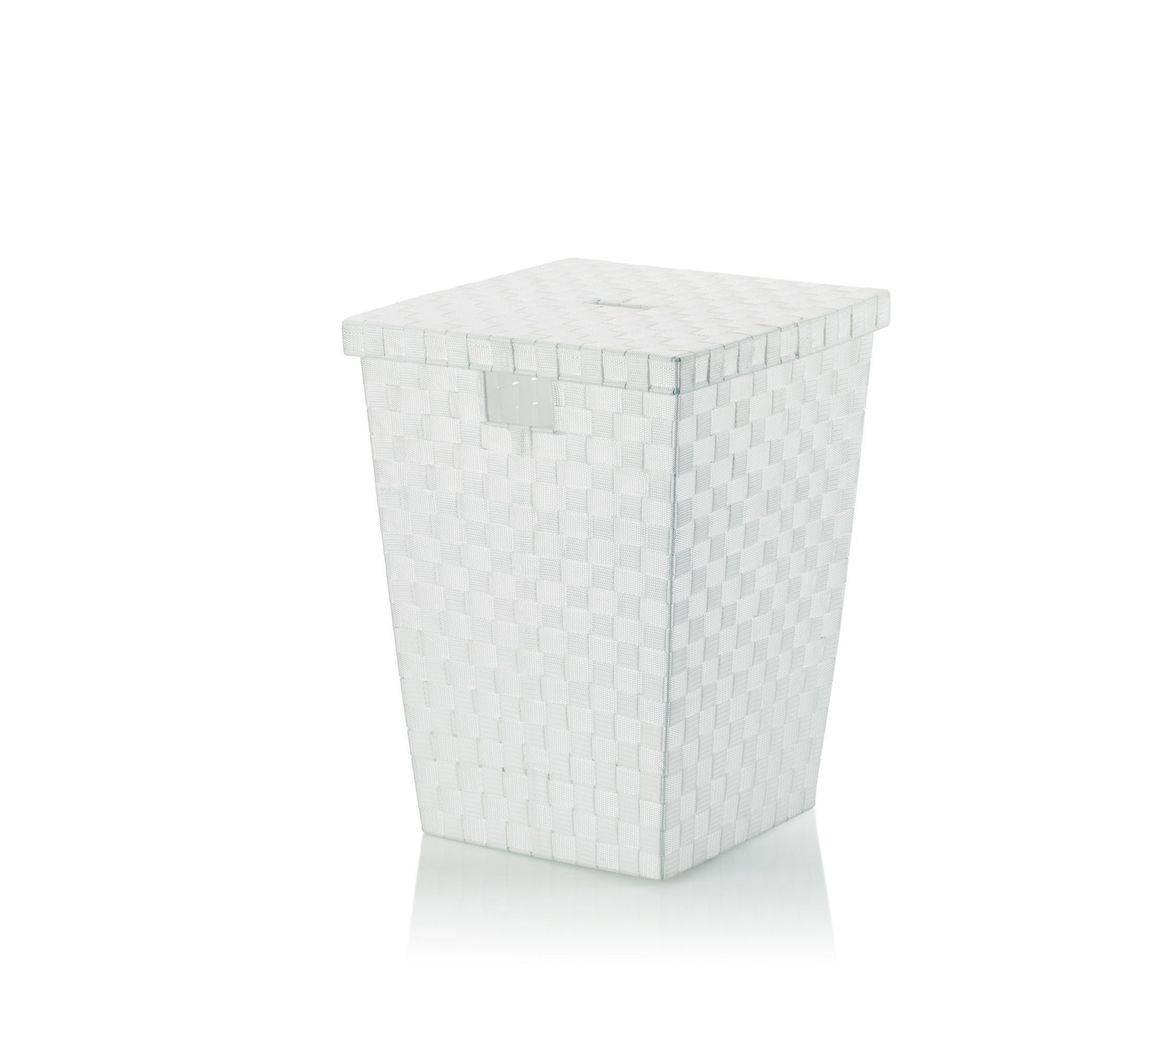 Koš na prádlo Alvaro bílý, 40x40x52cm KL-23071 - Kela